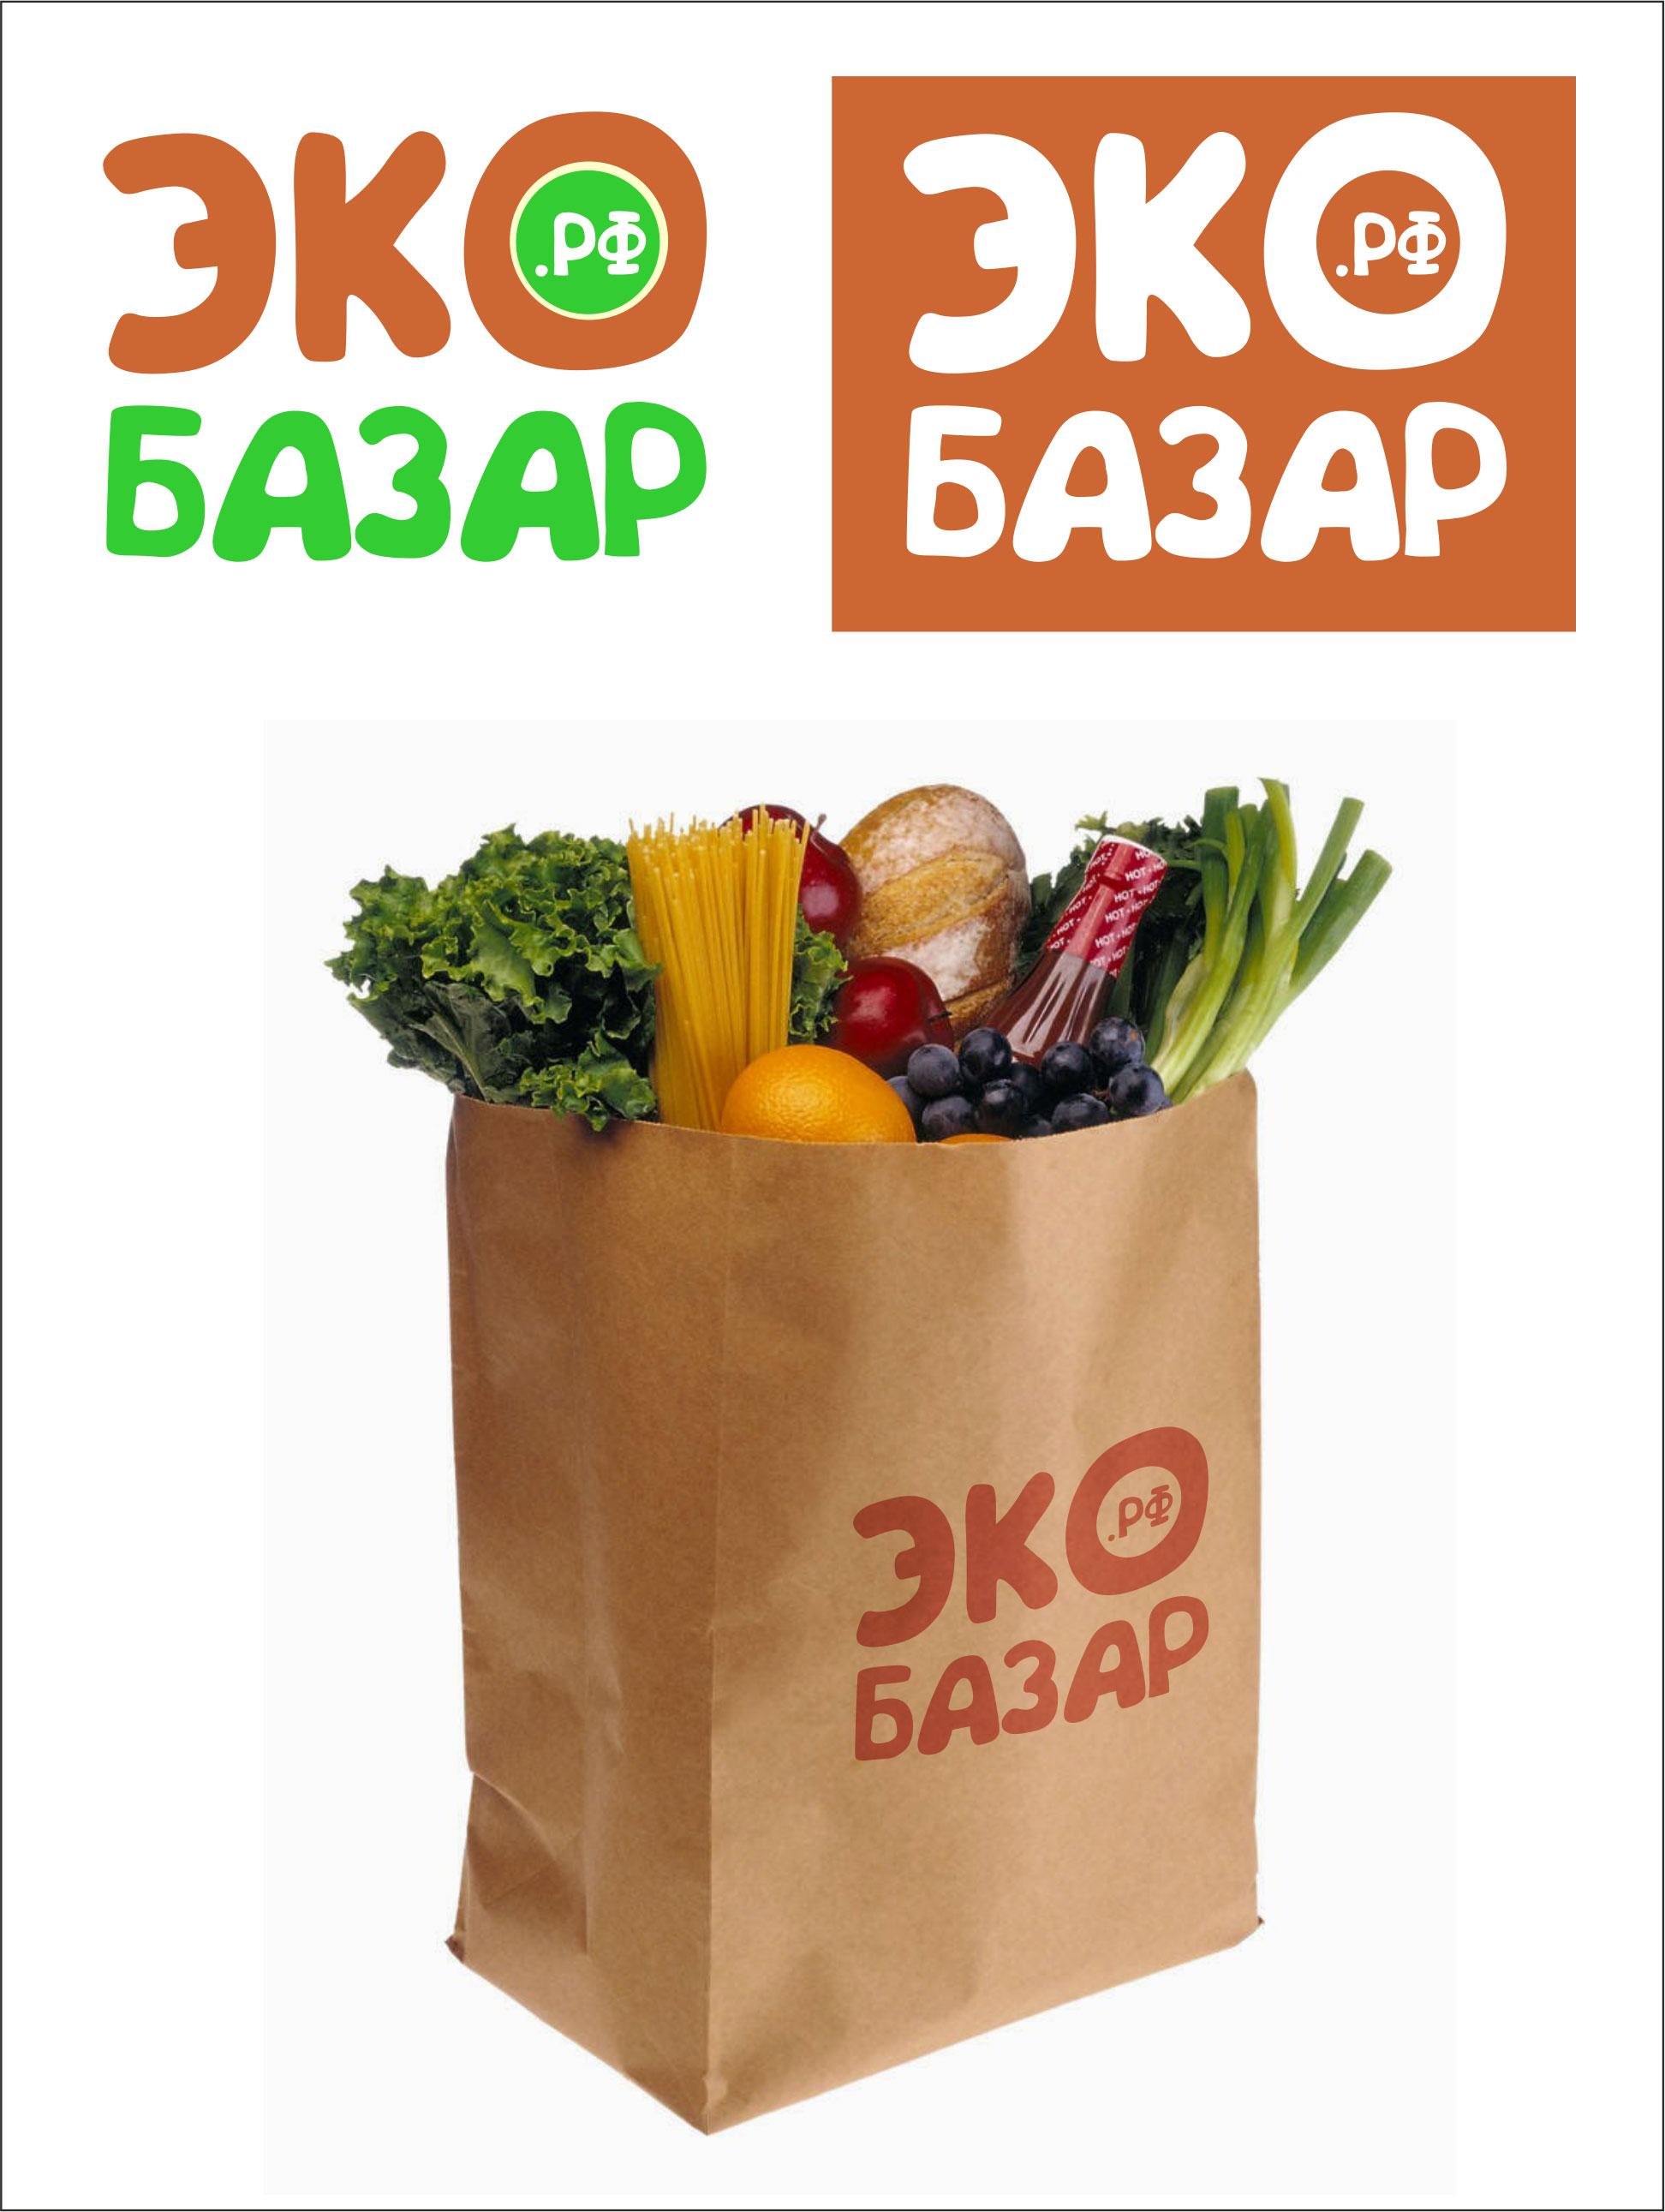 Логотип компании натуральных (фермерских) продуктов фото f_232593ff8163bbce.jpg